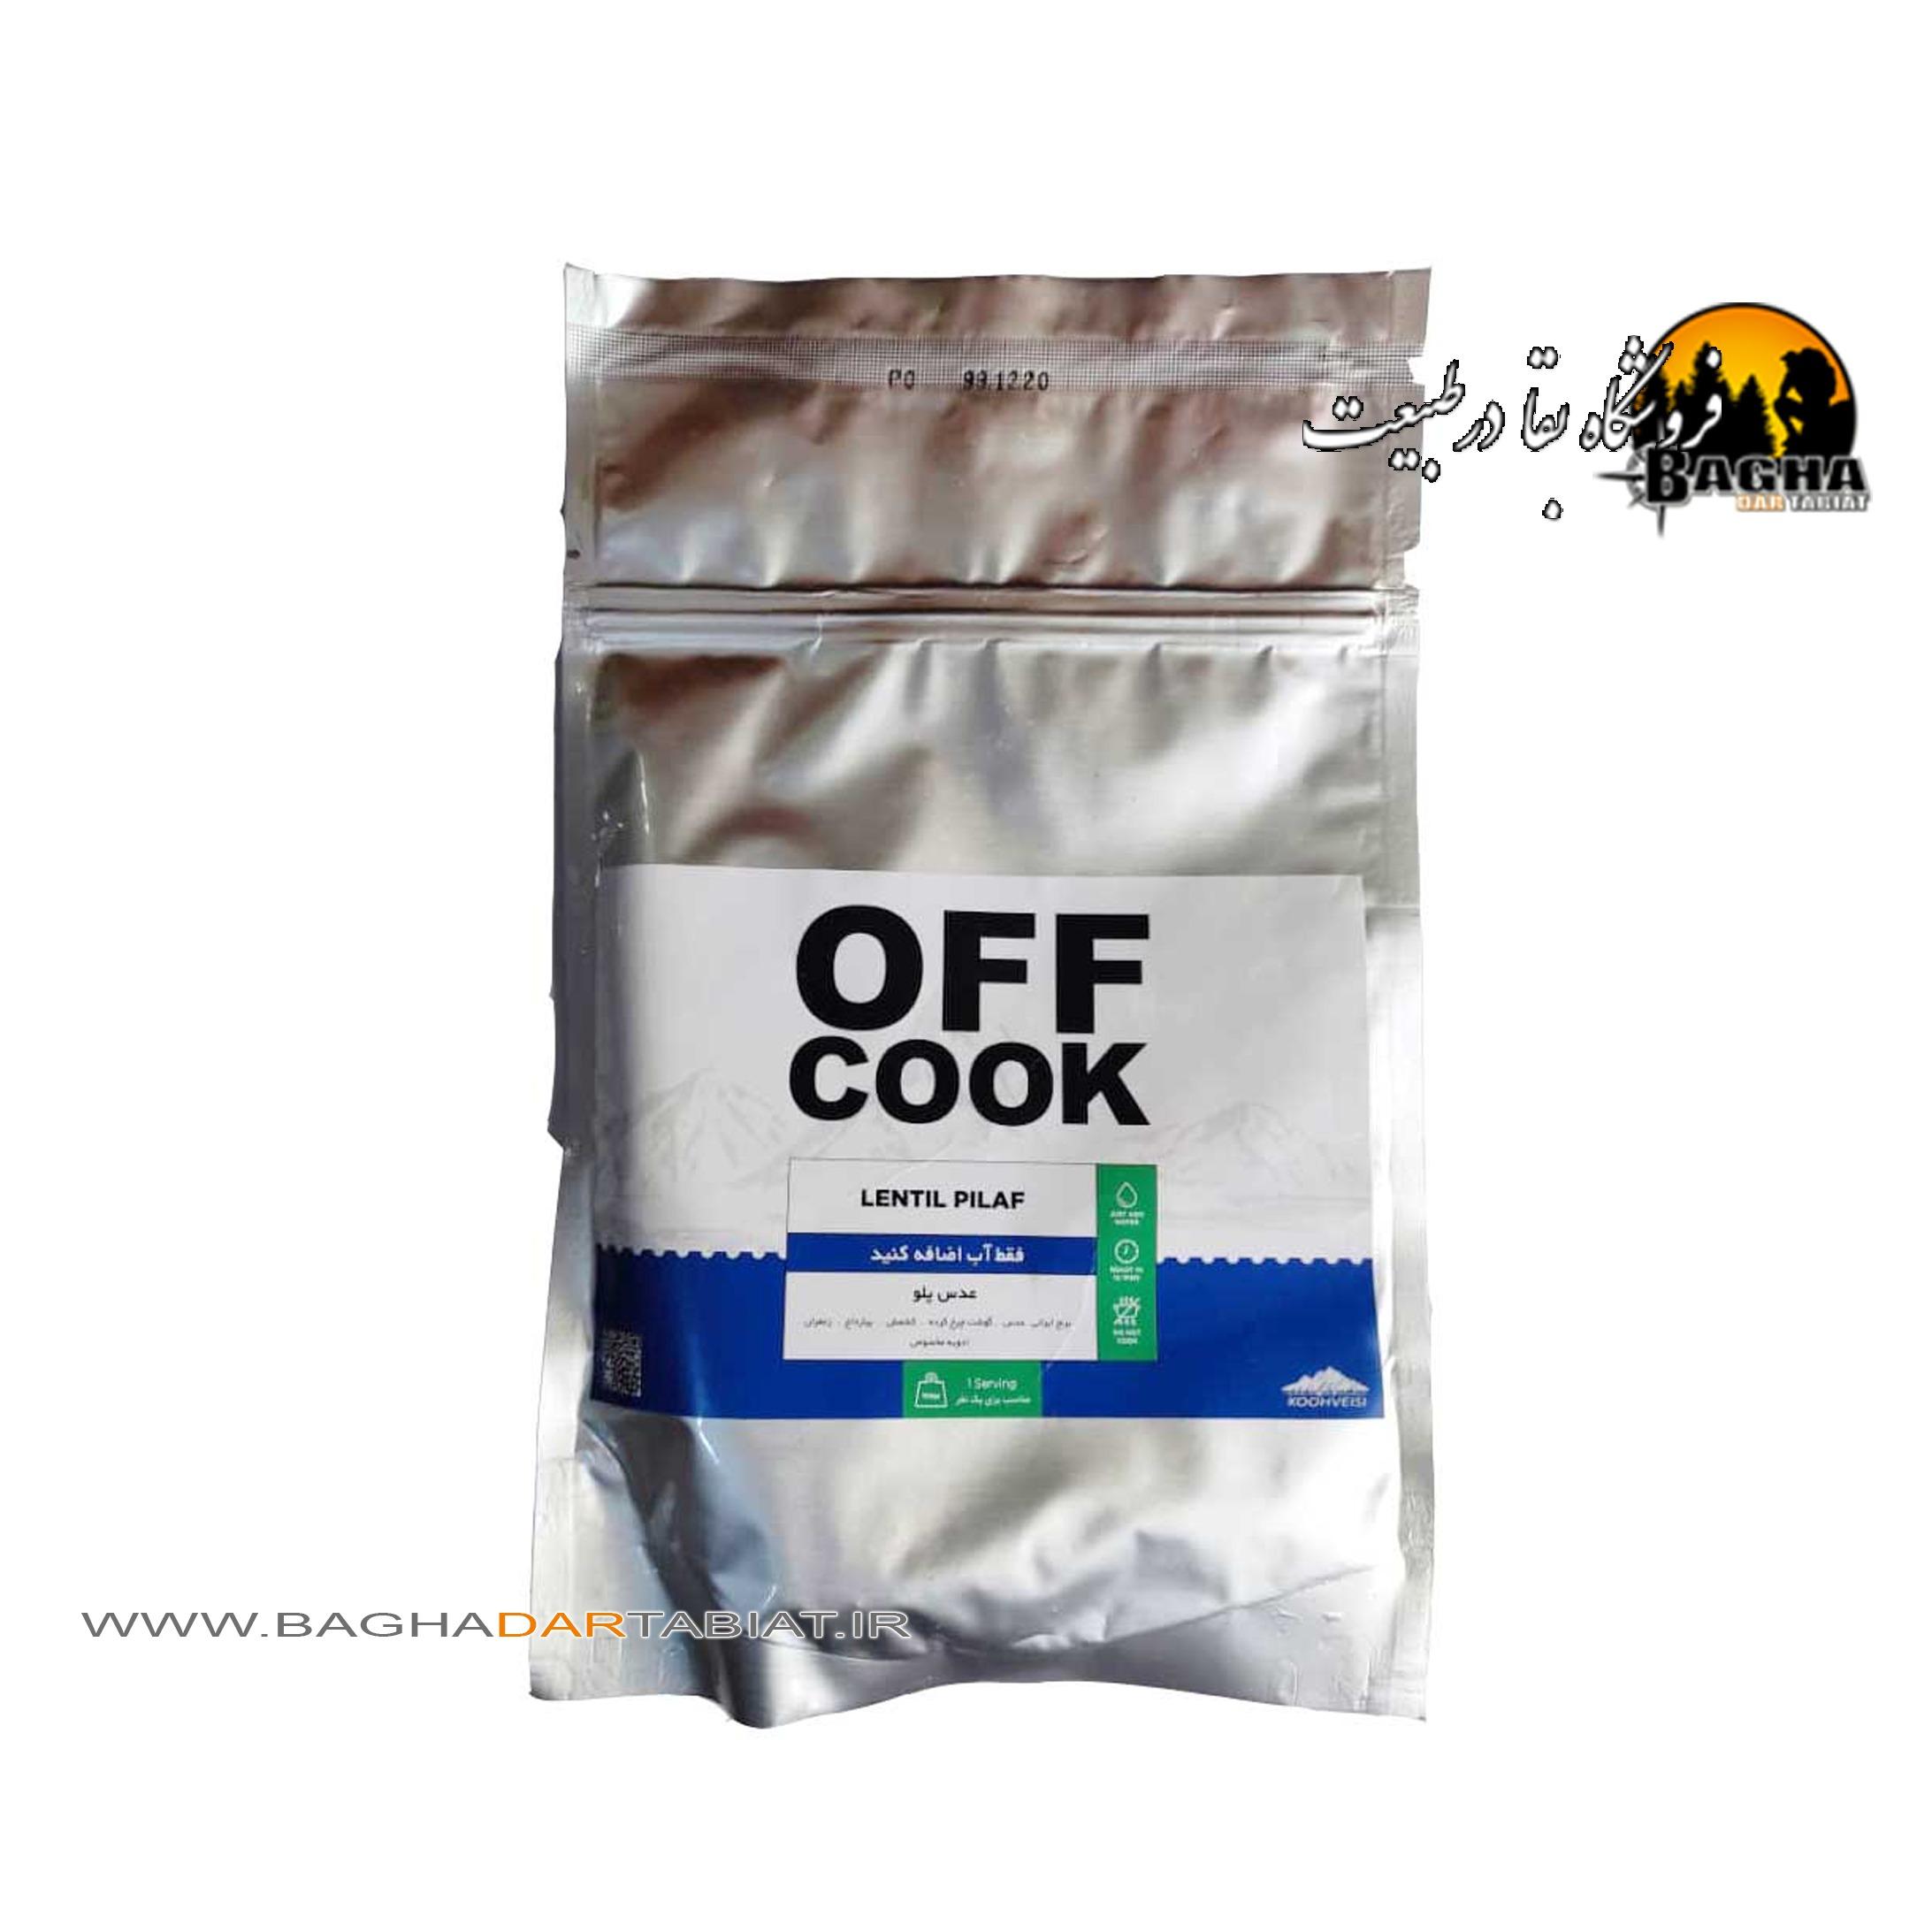 غذای خشک انجمادی - OFF COOK - عدس پلو